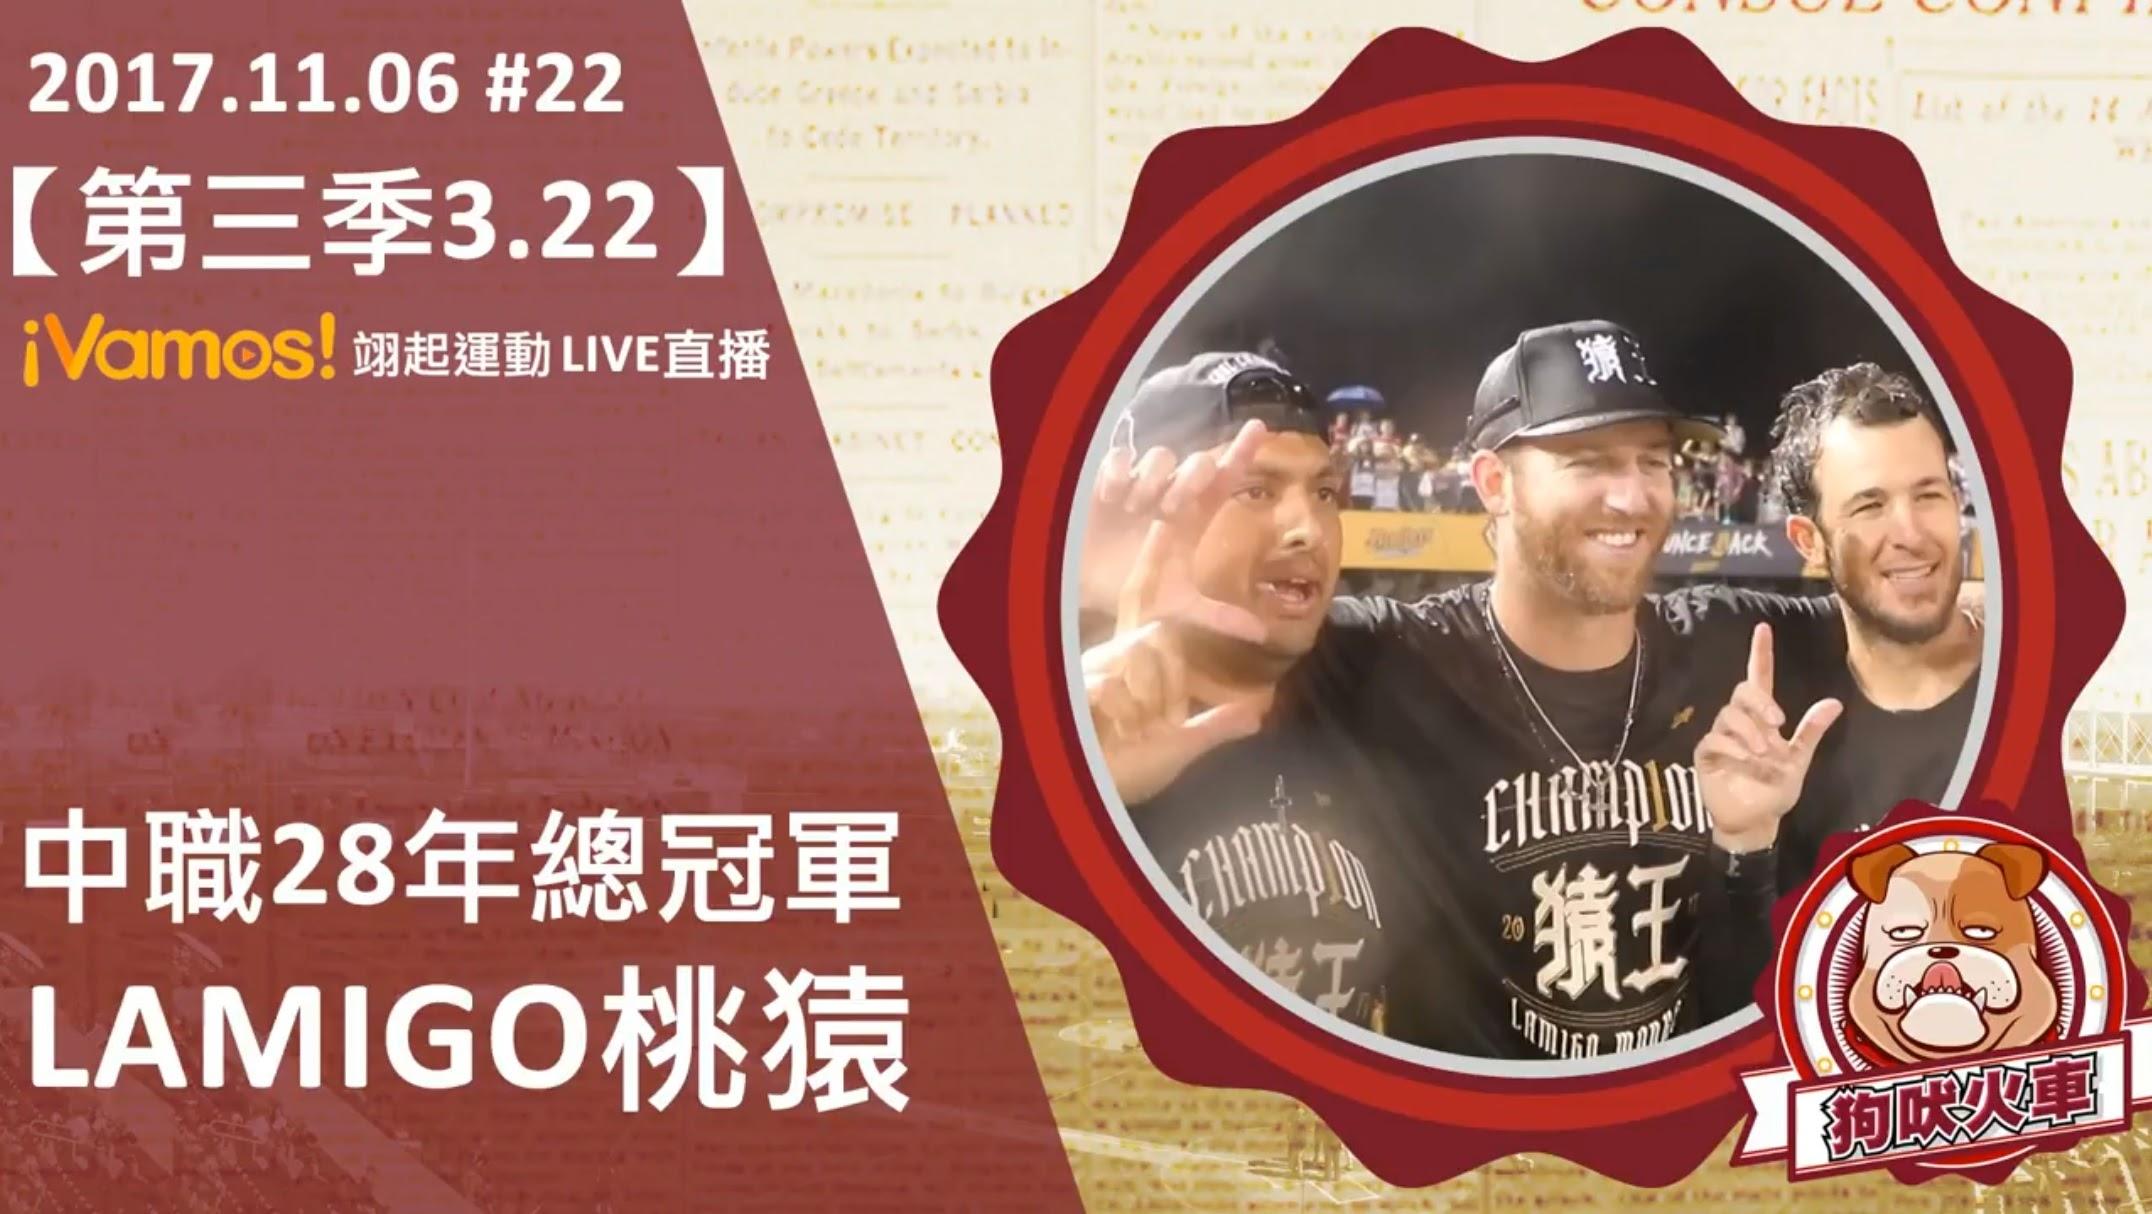 【狗吠火車3.22】中職28年總冠軍 Lamigo桃猿!